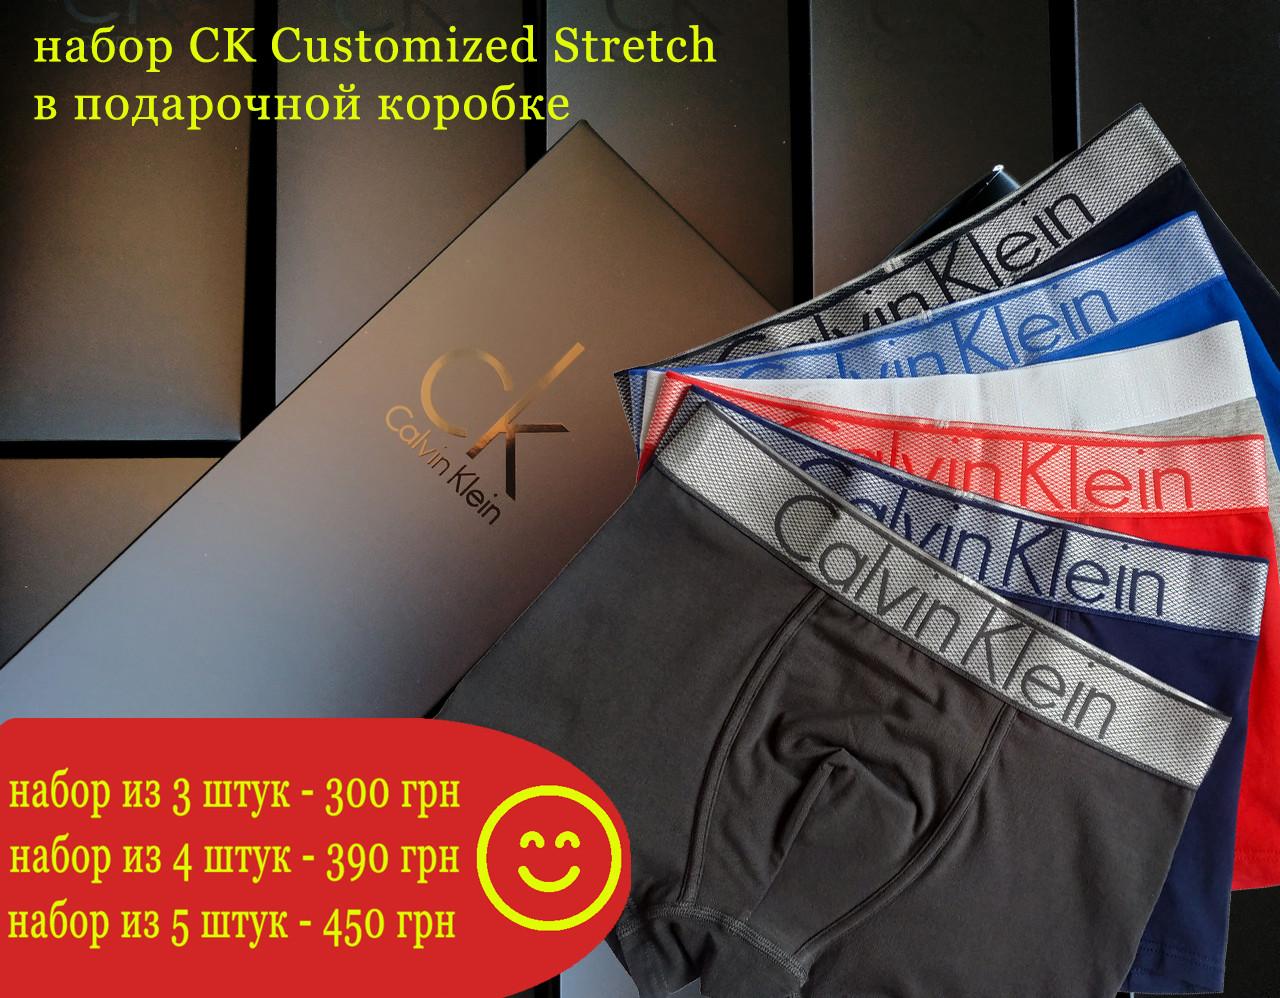 Набор мужские трусы боксёры Сalvih Kleih Customized Stretch (реплика) в брендовой подарочной коробке